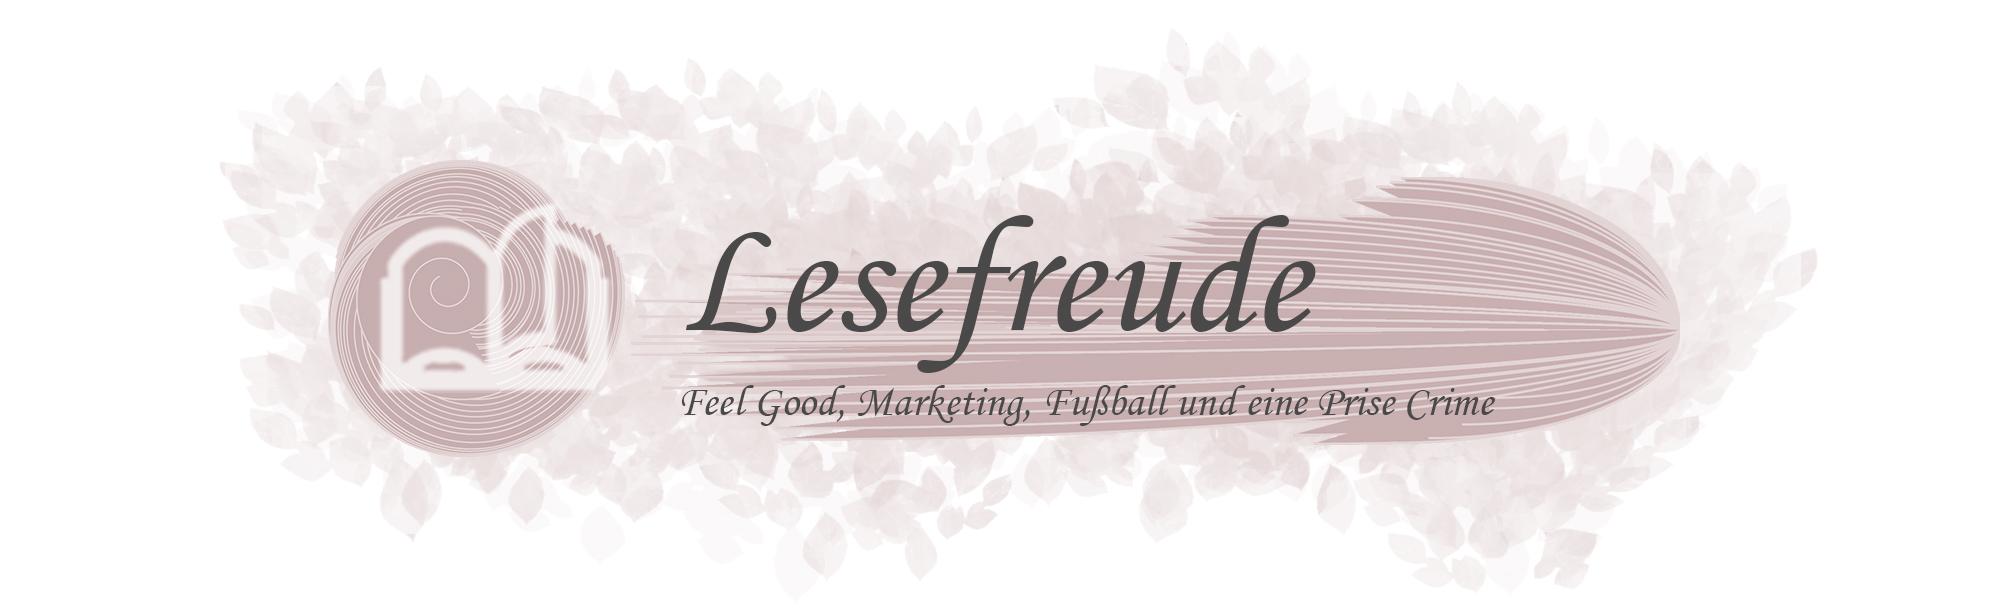 Lesefreude steht für Feel Good, Marketing, Fußball und eine Prise Crime